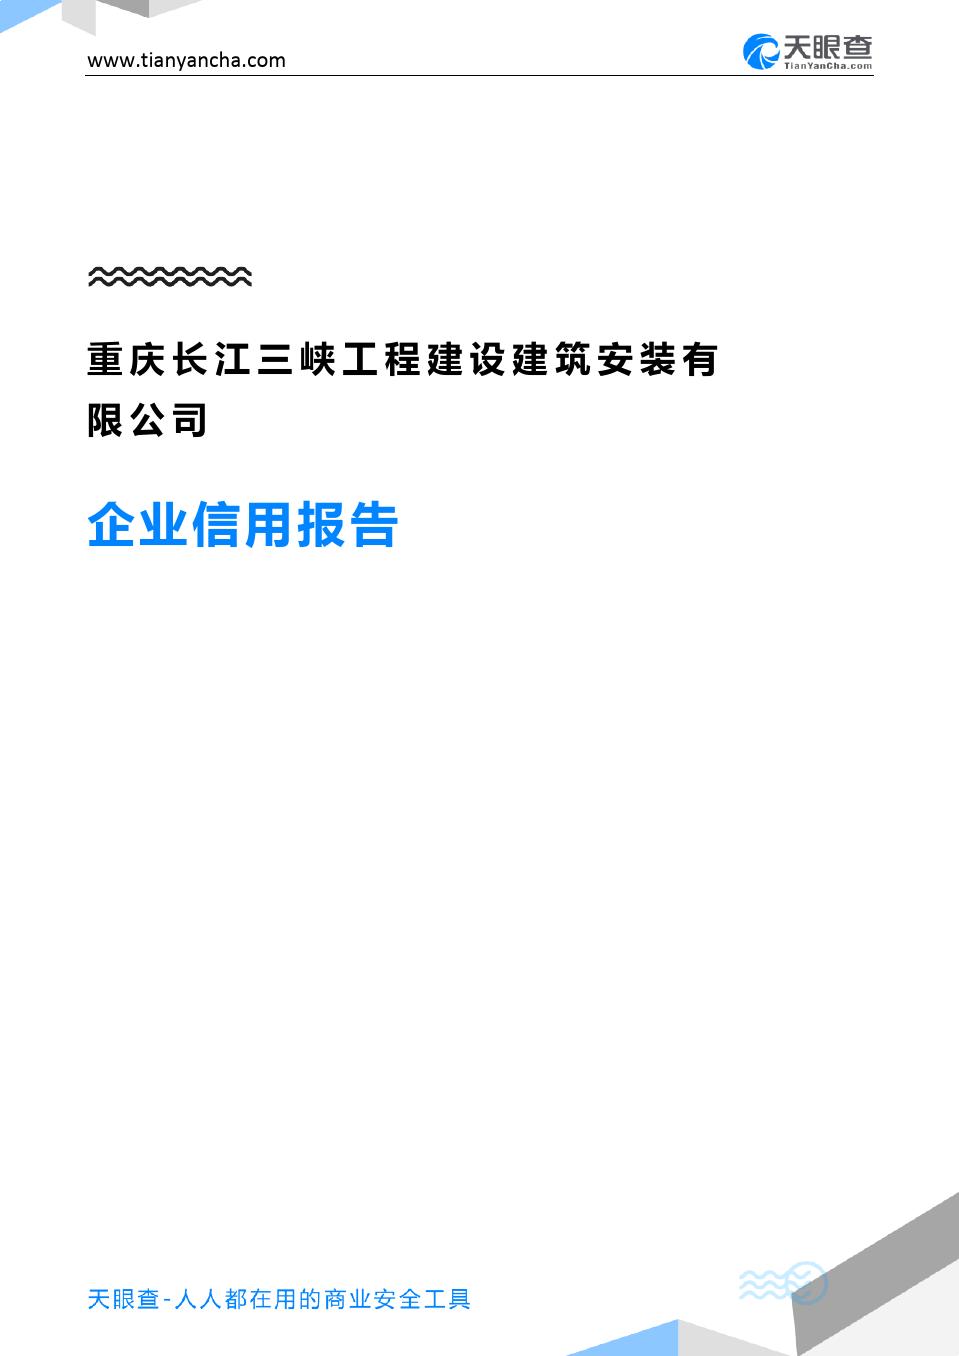 重庆长江三峡工程建设建筑安装有限公司(企业信用报告)- 天眼查